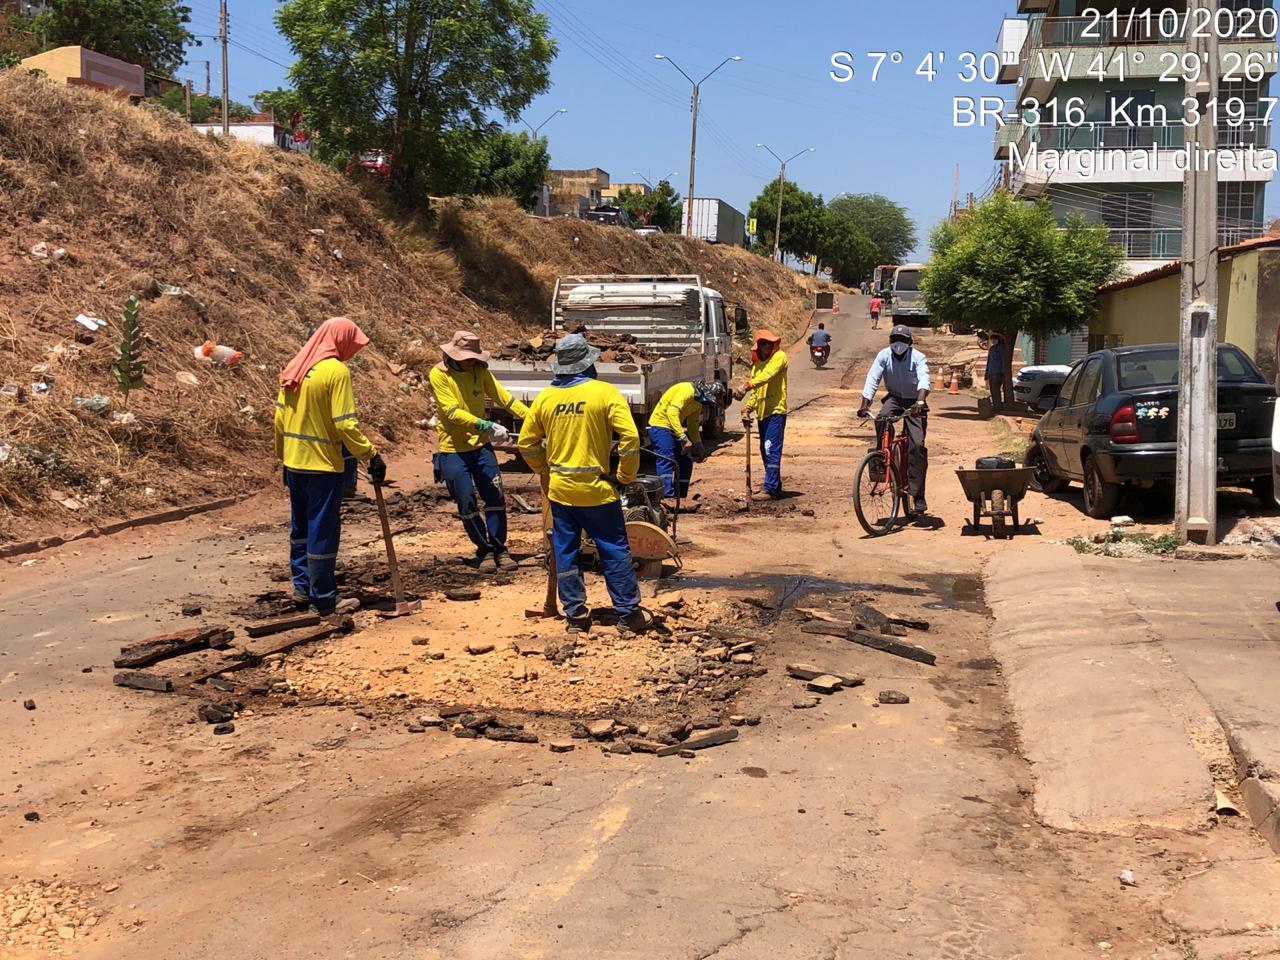 Teve início obra de pavimentação das vias laterais da BR-316 em Picos